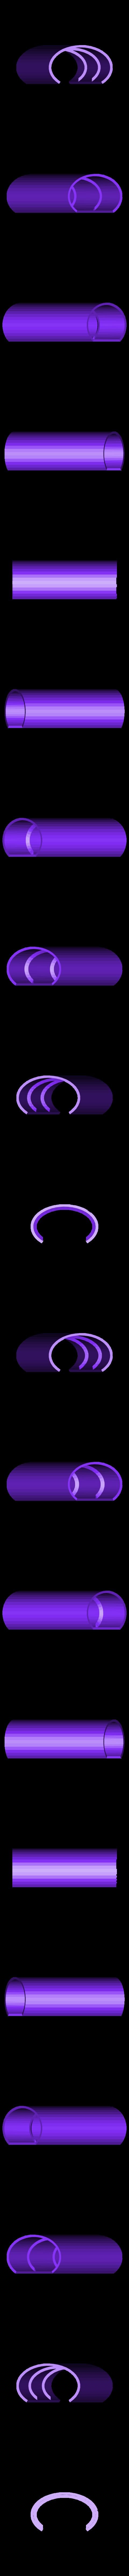 SciFiLocker_Walls.stl Télécharger fichier STL gratuit Casier SciFi • Design pour imprimante 3D, gabutoillegna56